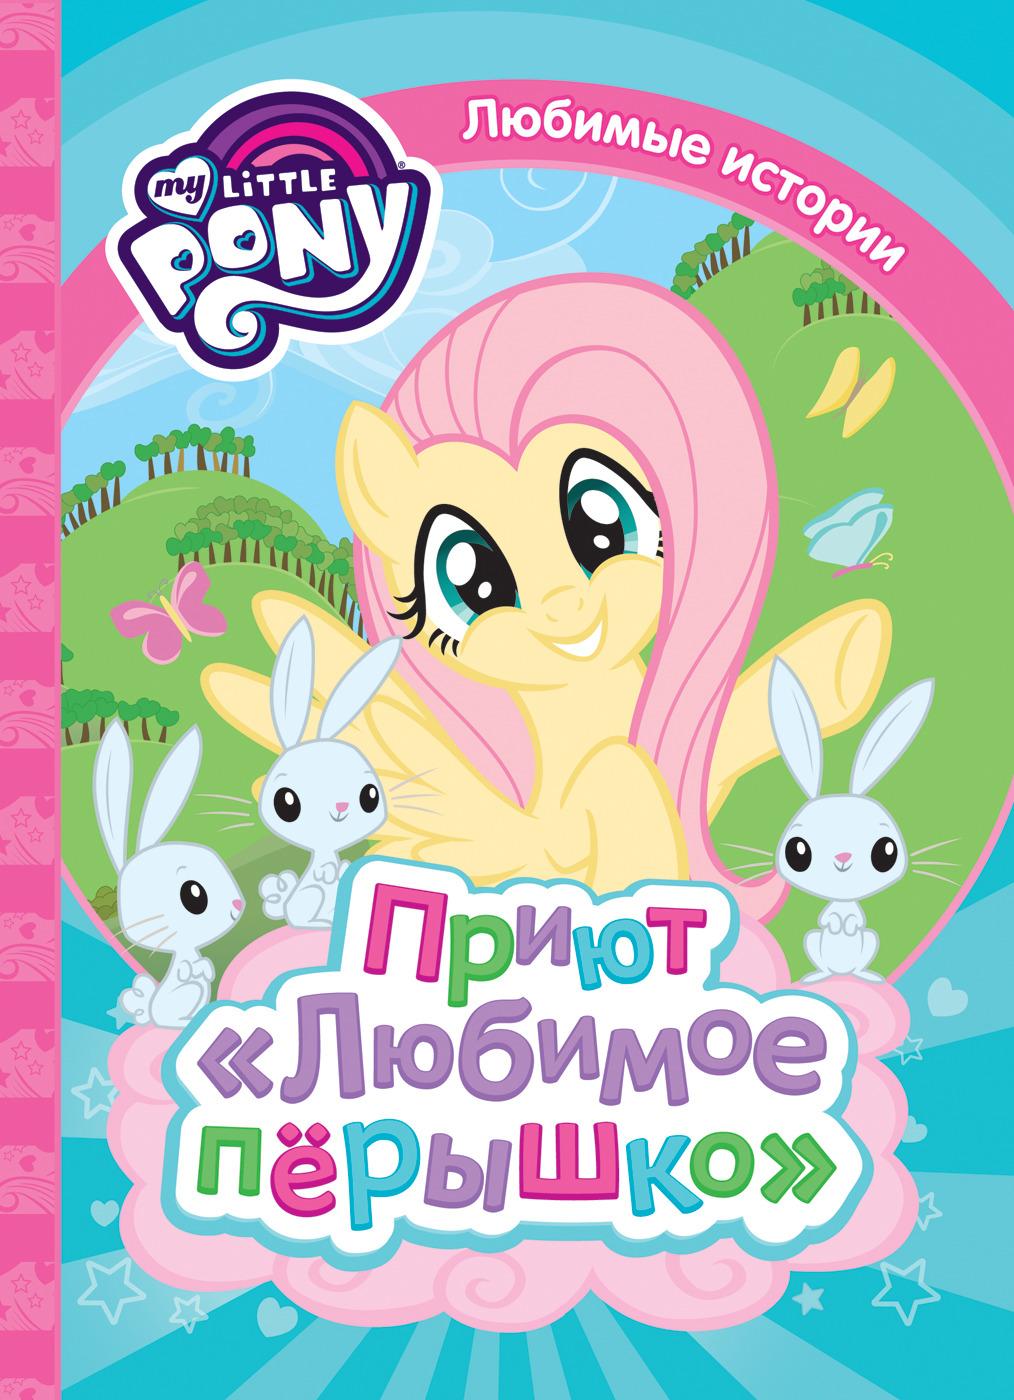 Н. И. Котятова Мой маленький пони. Приют Любимое перышко приют для животных щелково